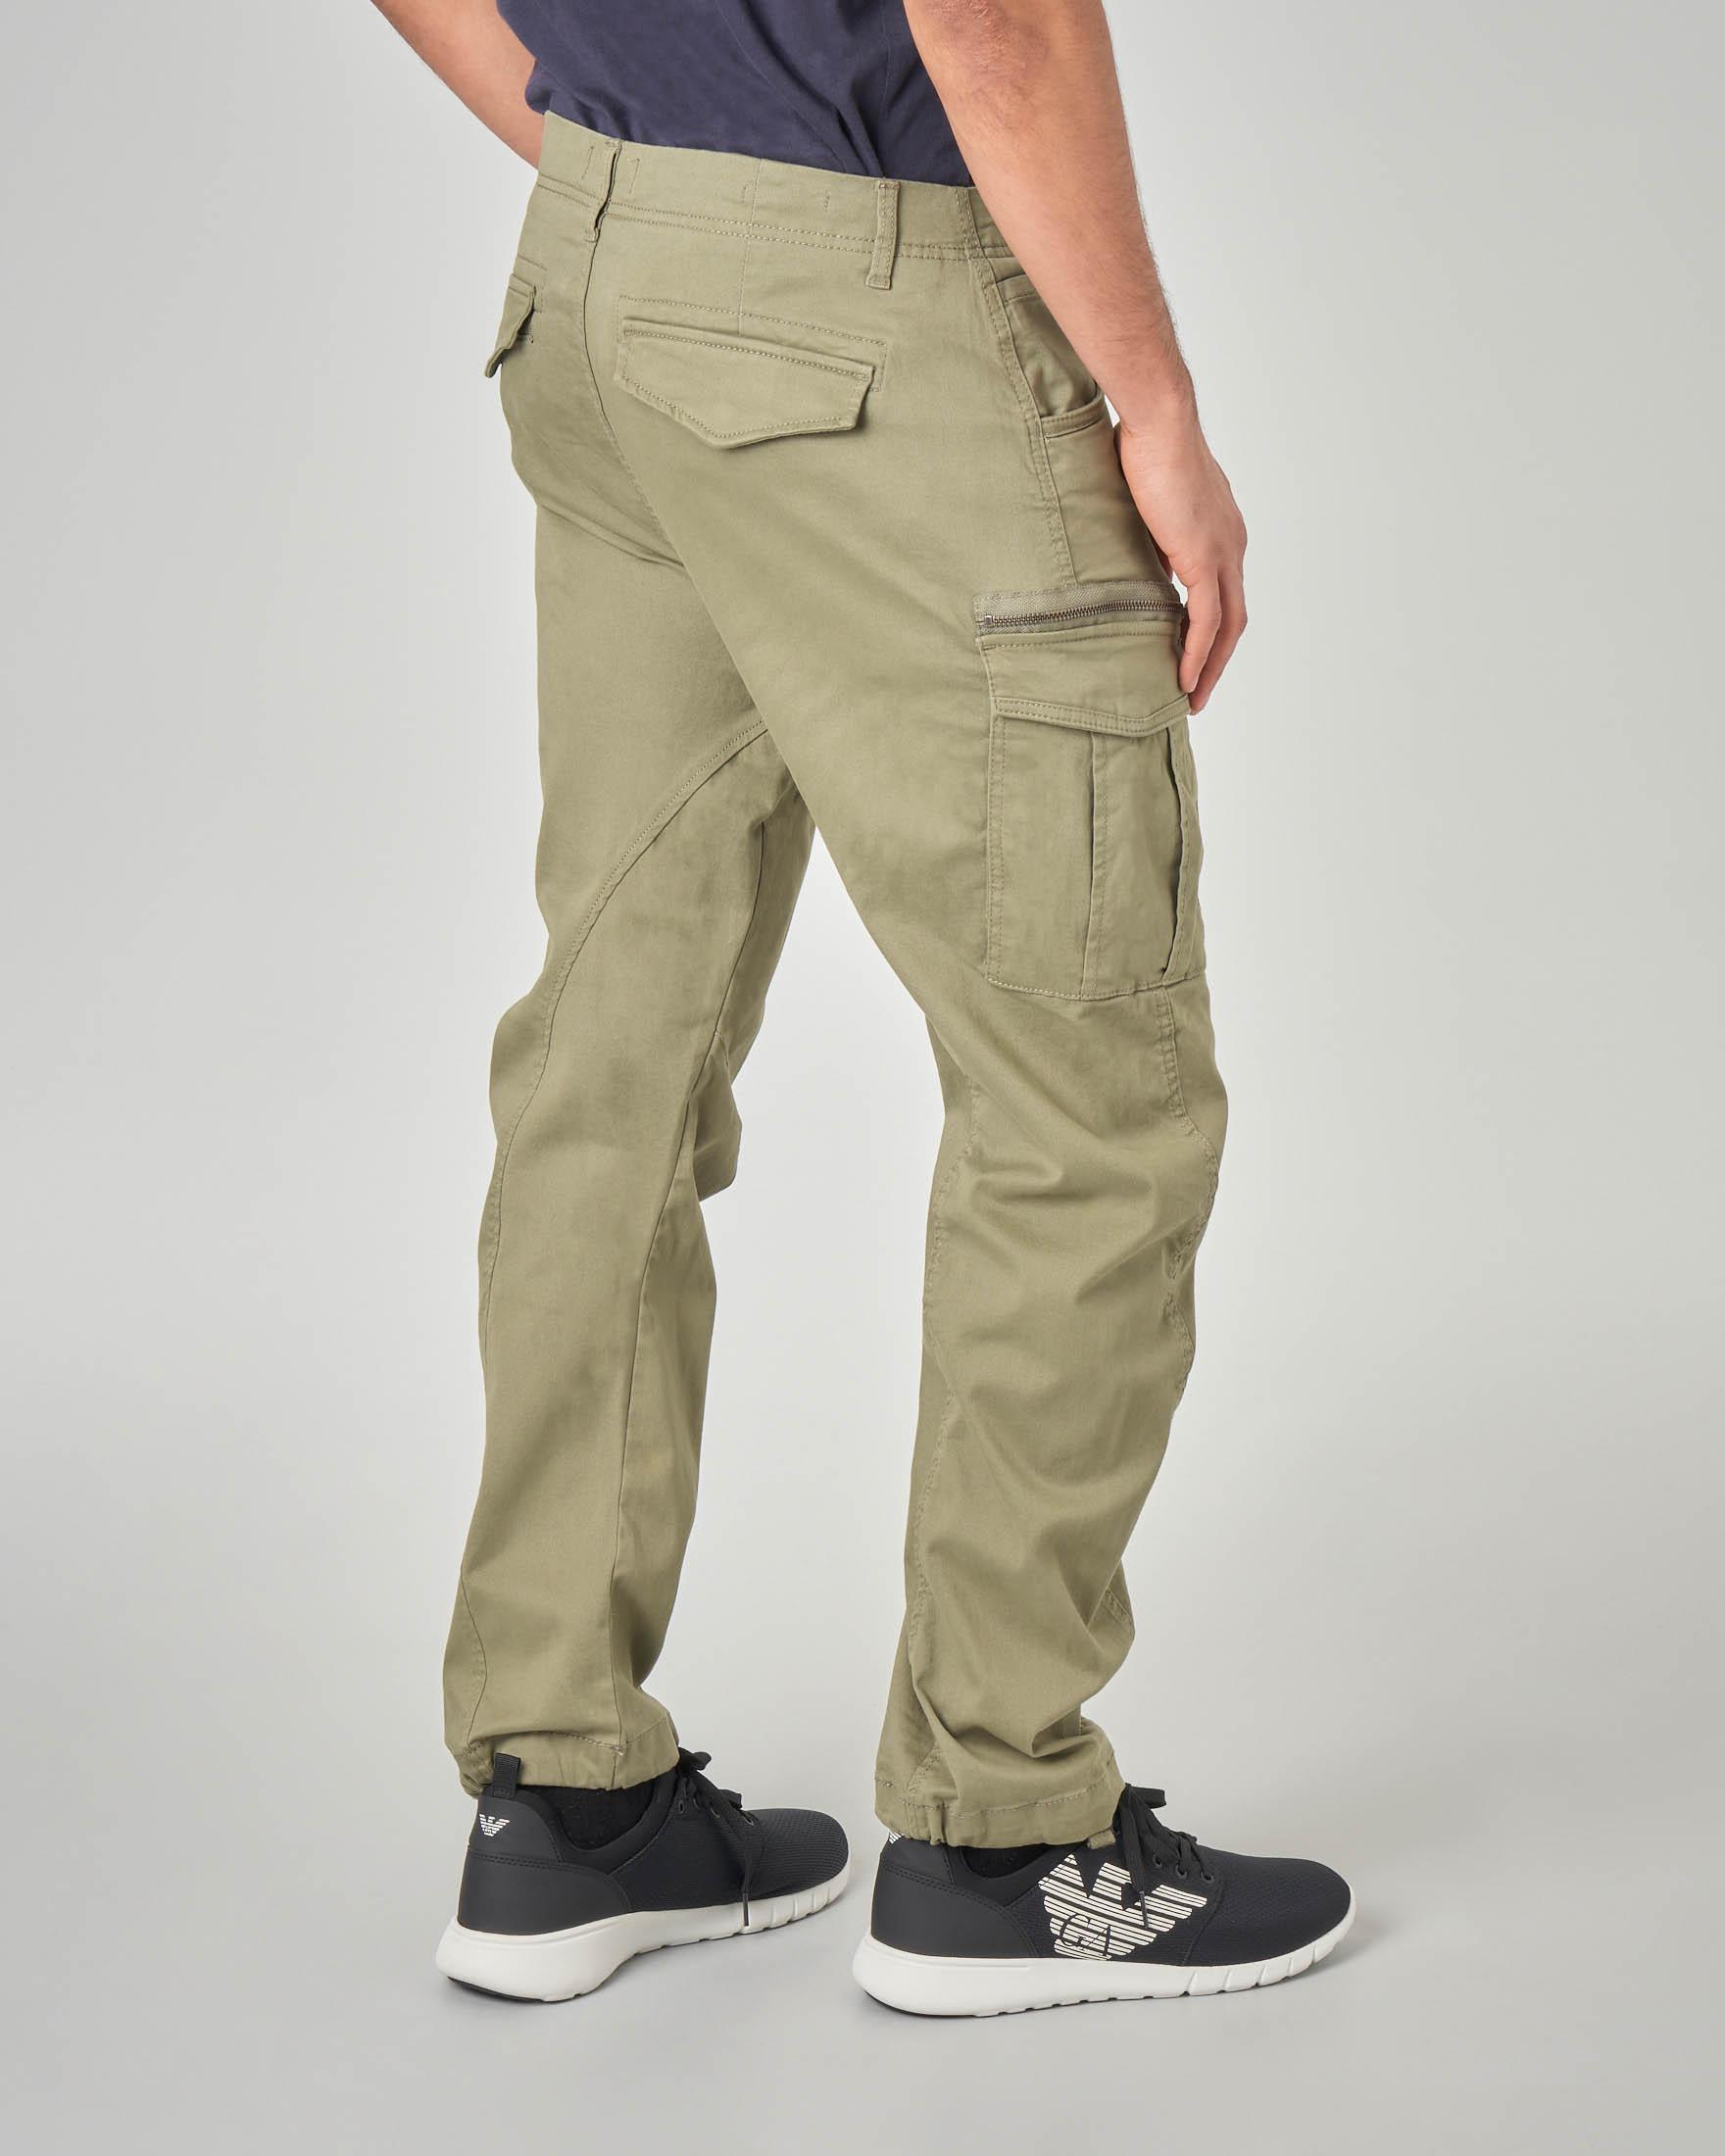 Pantaloni cargo verdi militare | Pellizzari E commerce